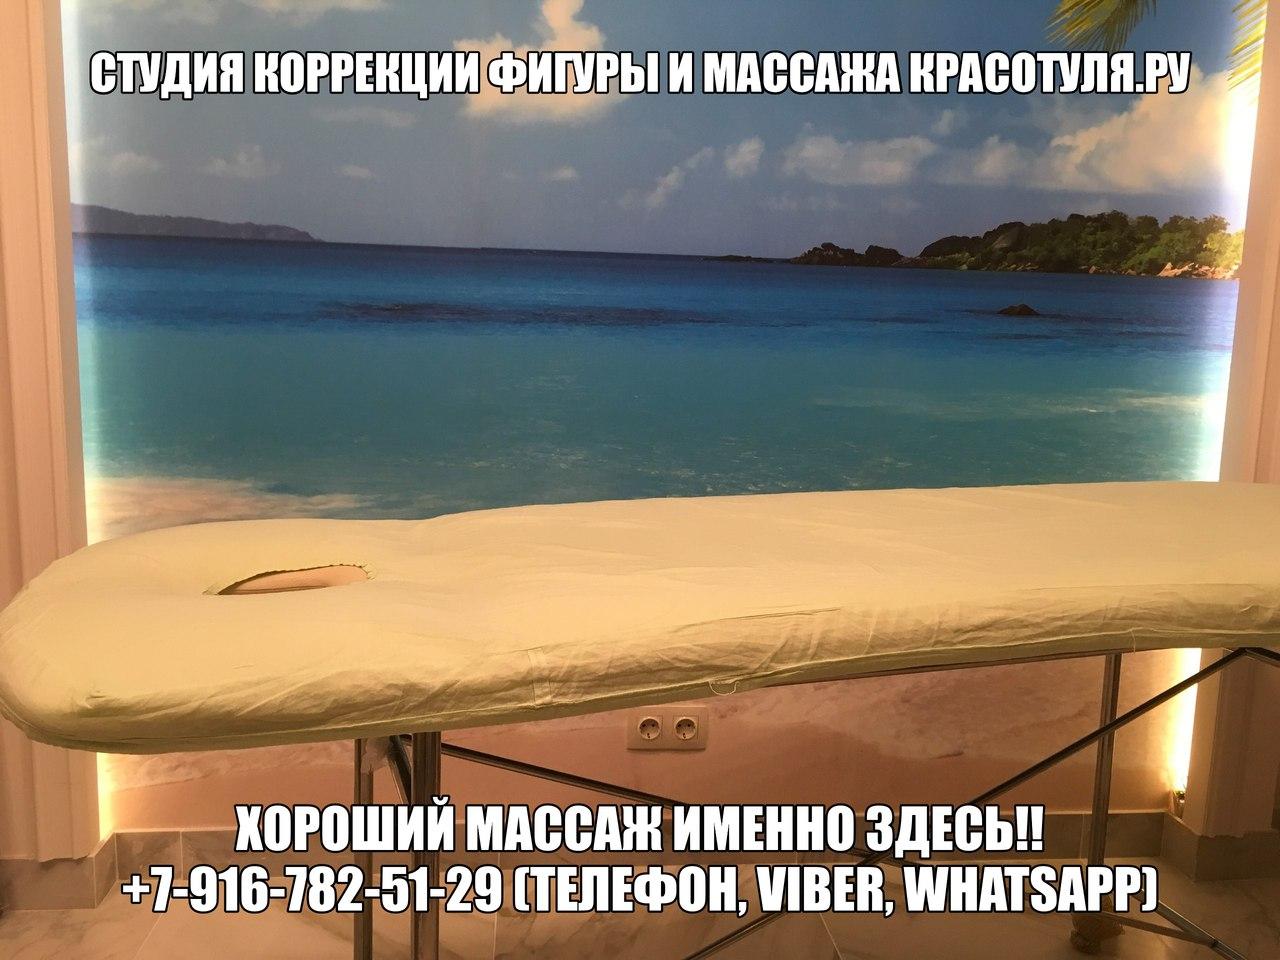 Салон красоты, массажный салон, массаж в Москве и в Петербурге,